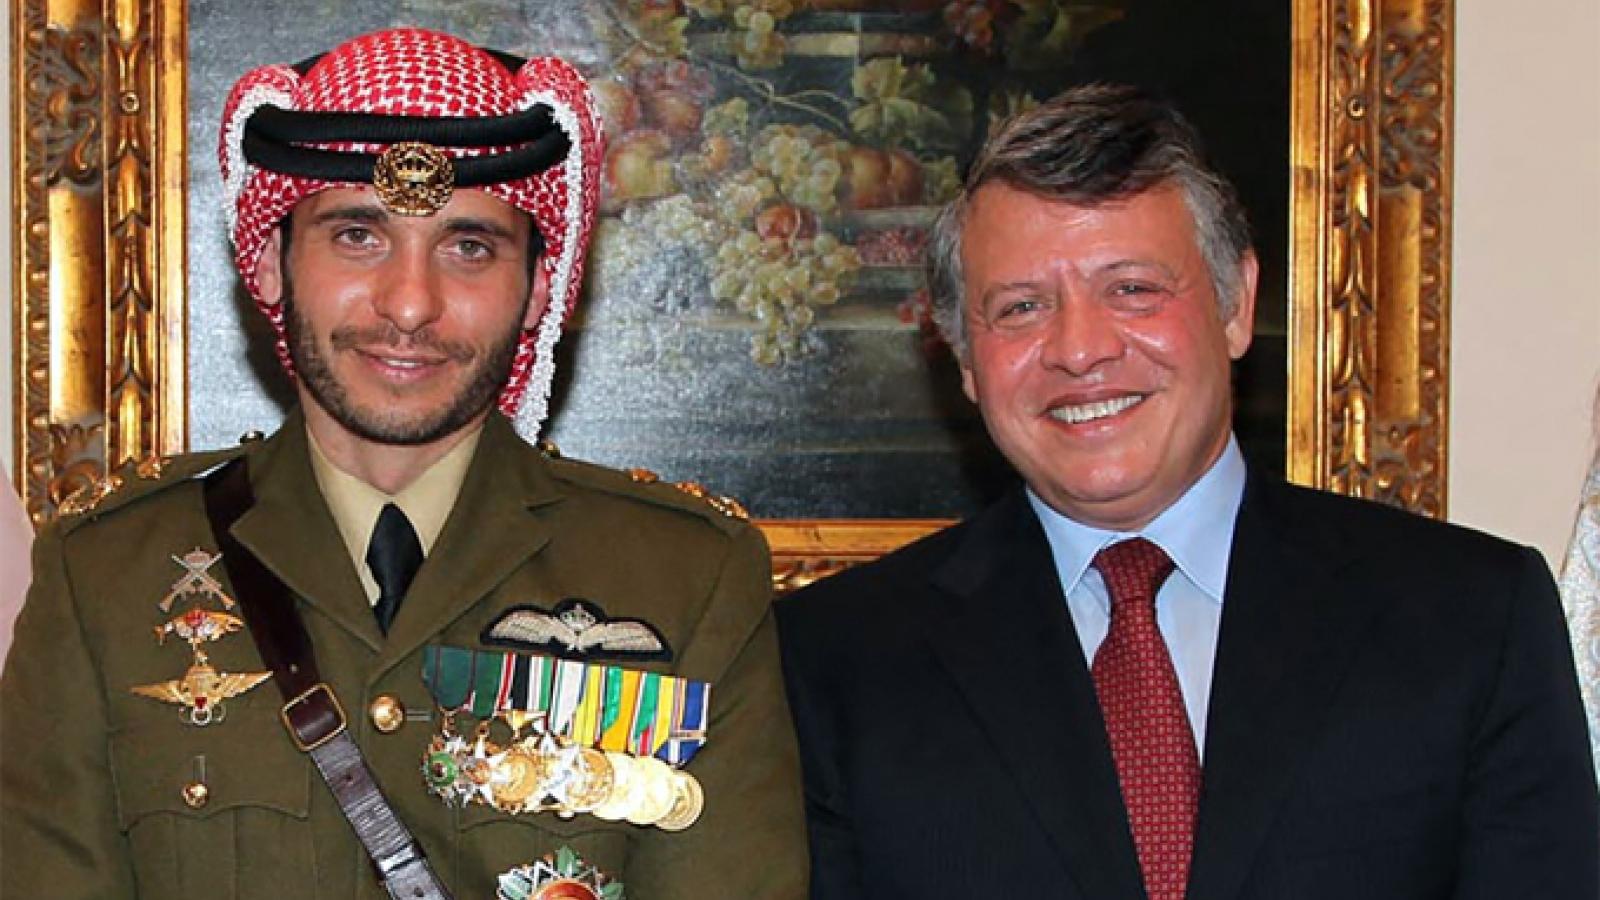 Các nước ủng hộ Jordan duy trì an ninh và ổn định